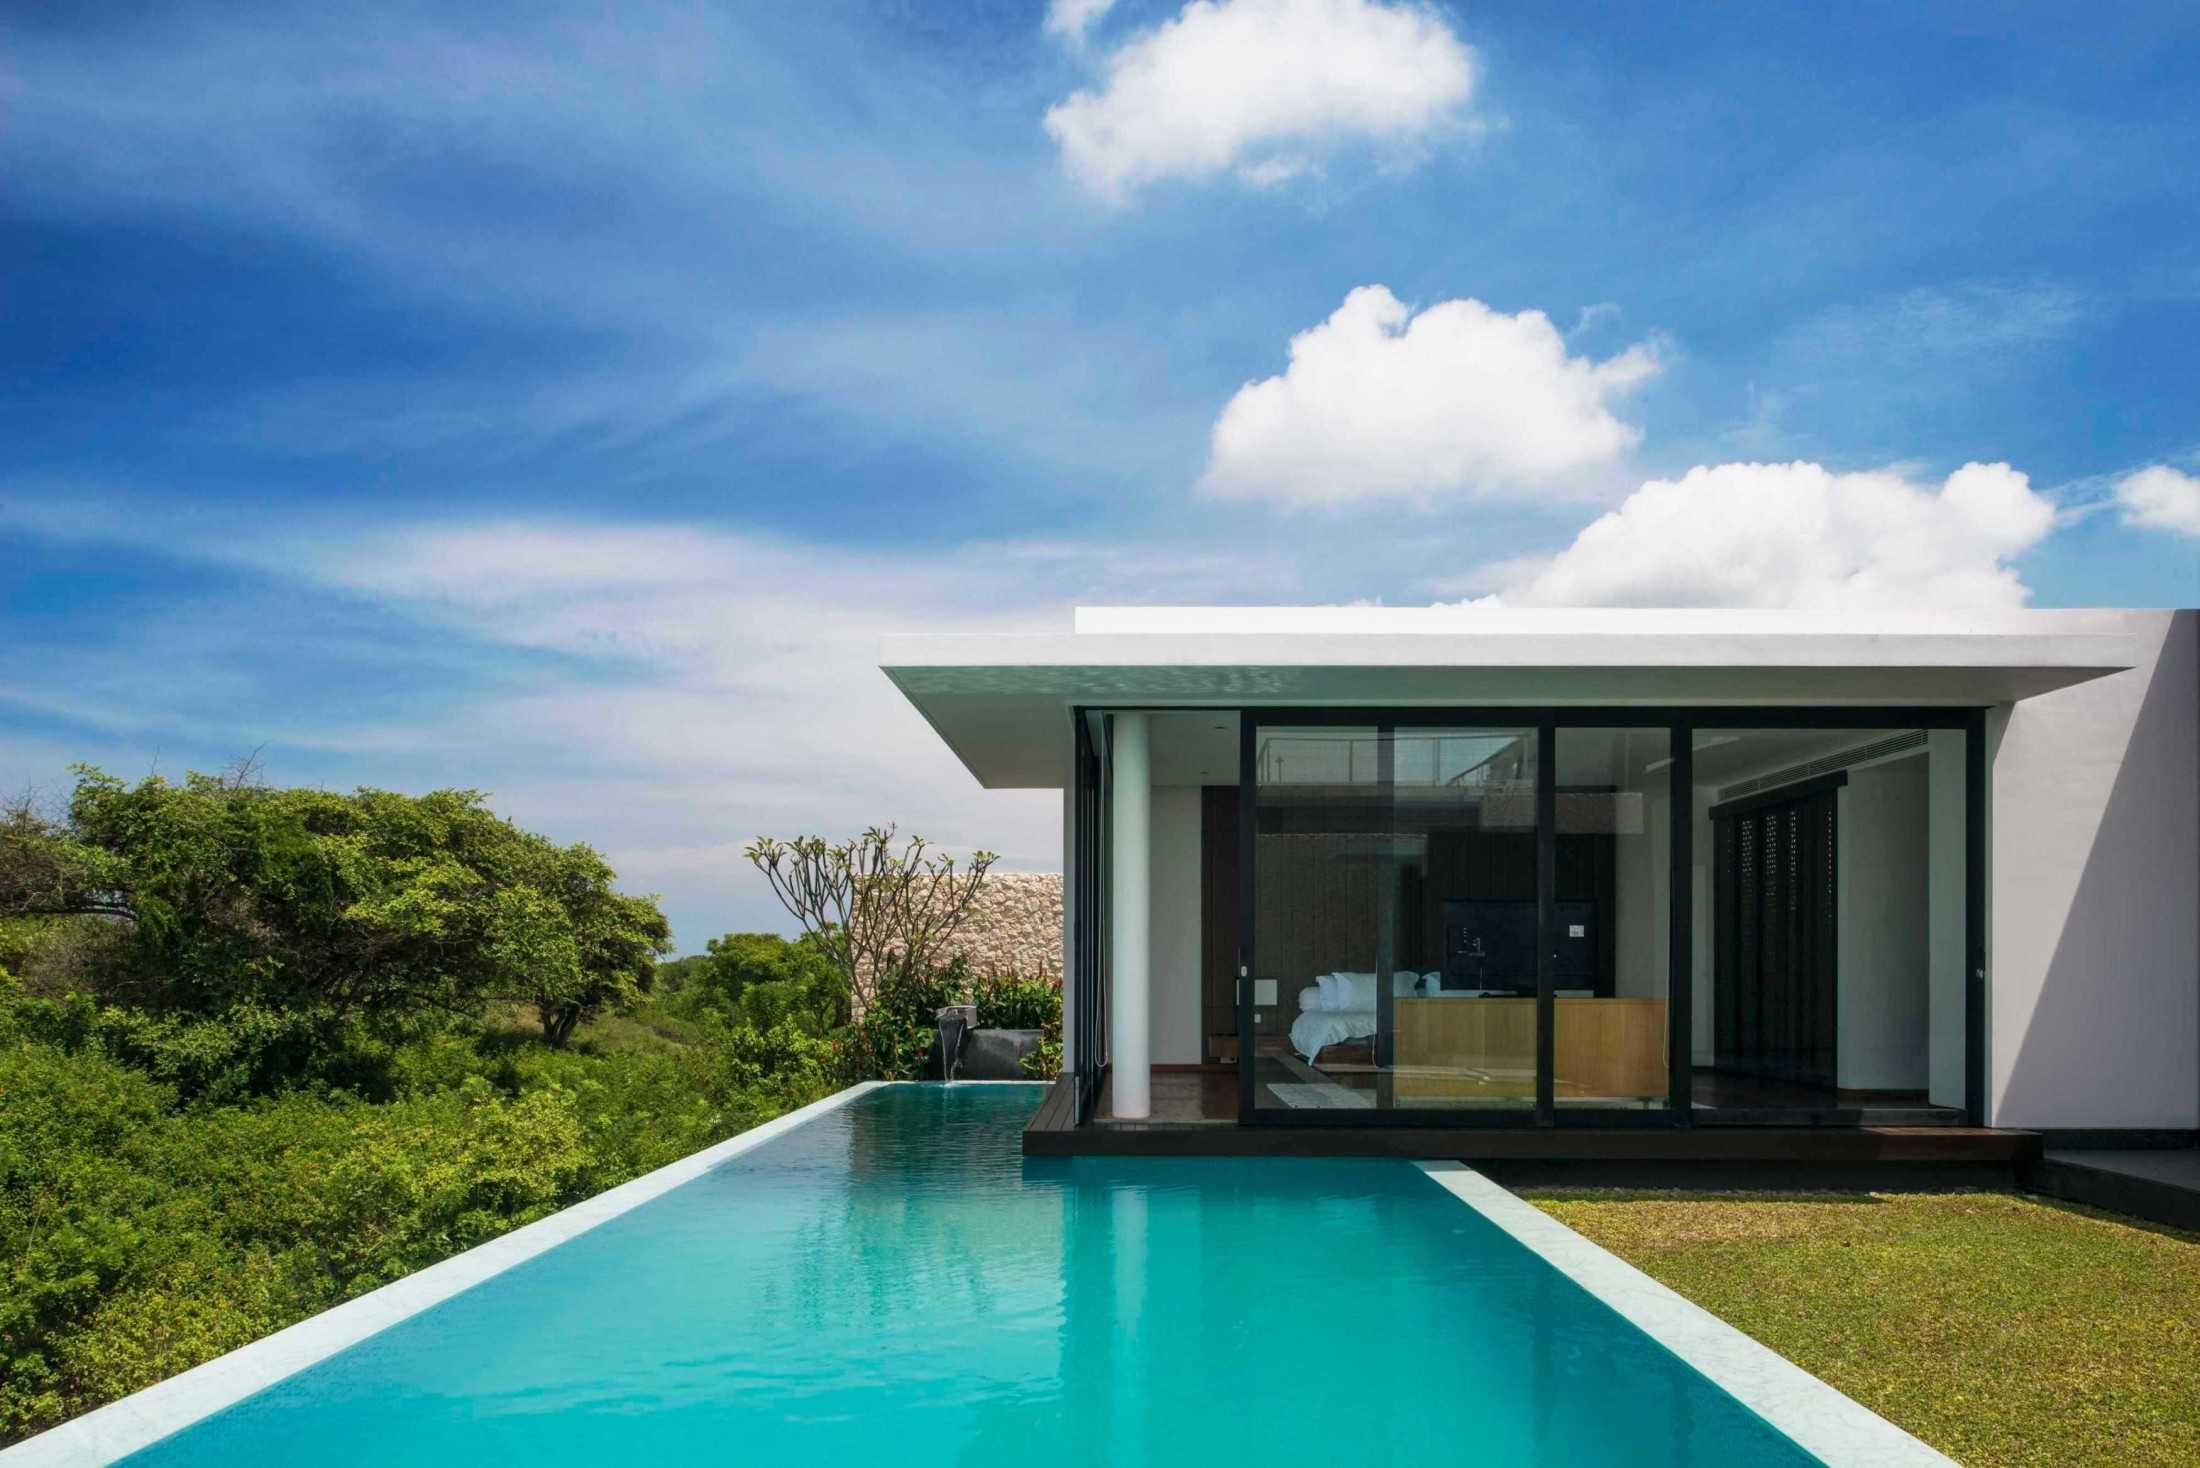 Kamar tidur melayang di atas kolam renang dengan akses langsung ke kolam dan pekarangan (Sumber: arsitag.com)